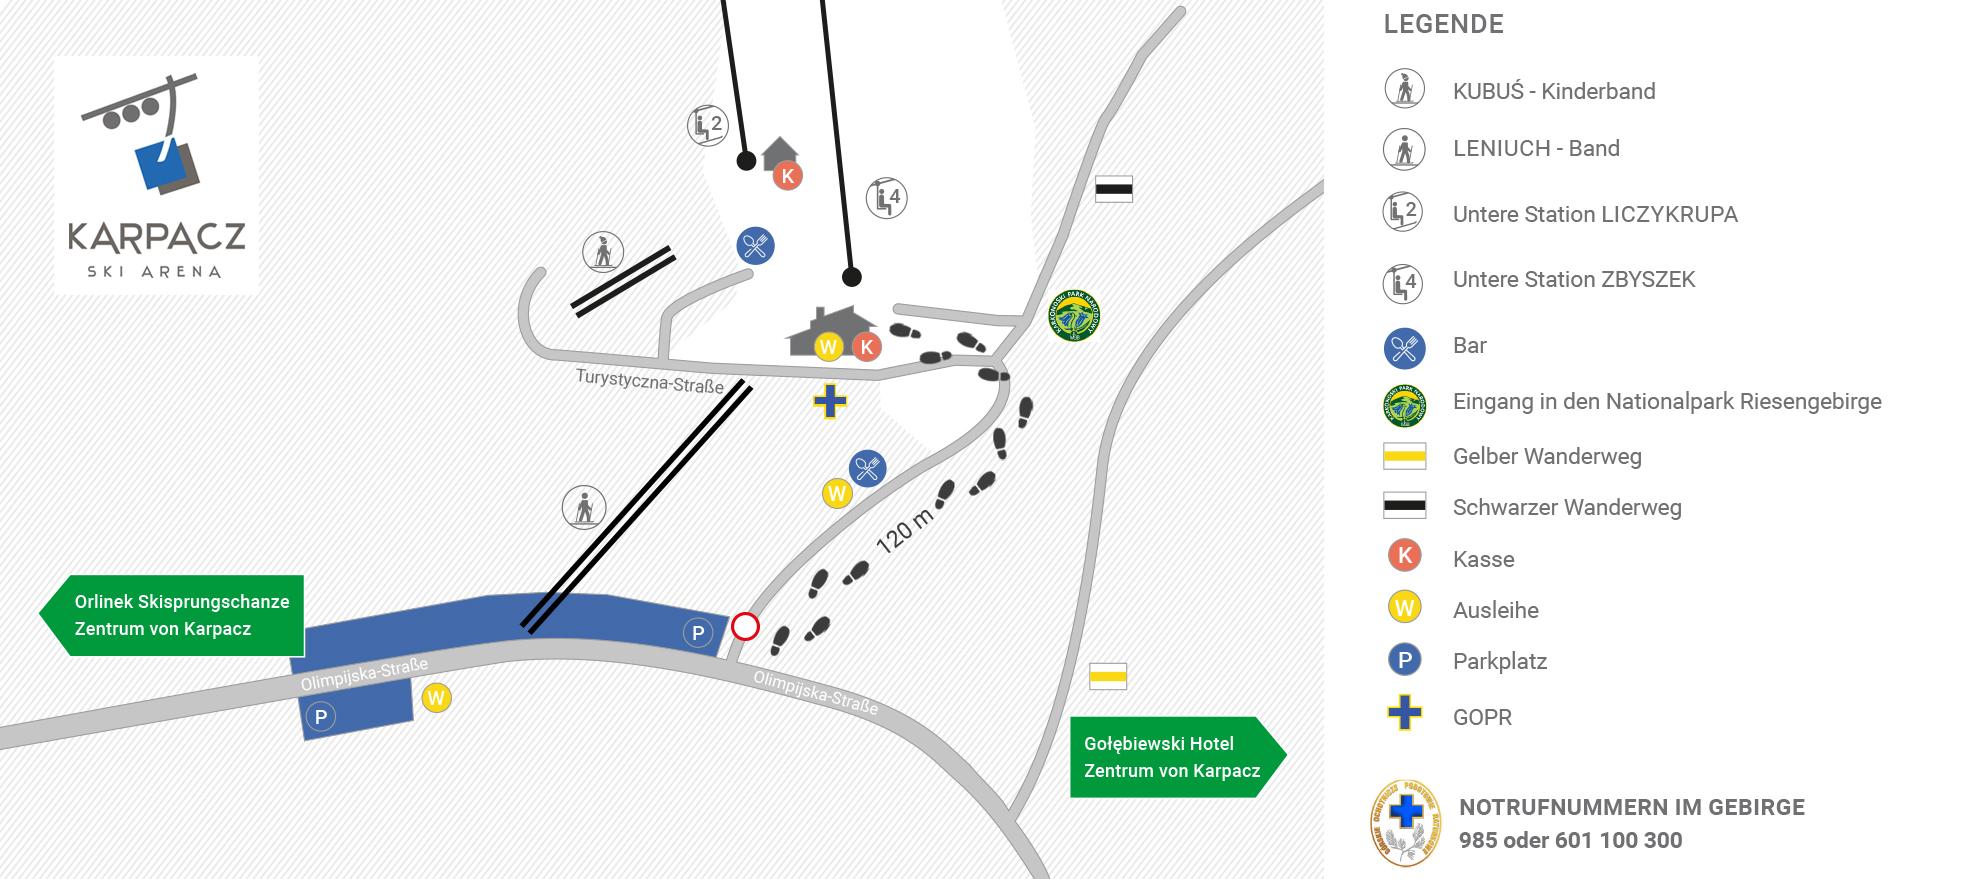 Karpacz Ski Arena - Parken und Zufahrt